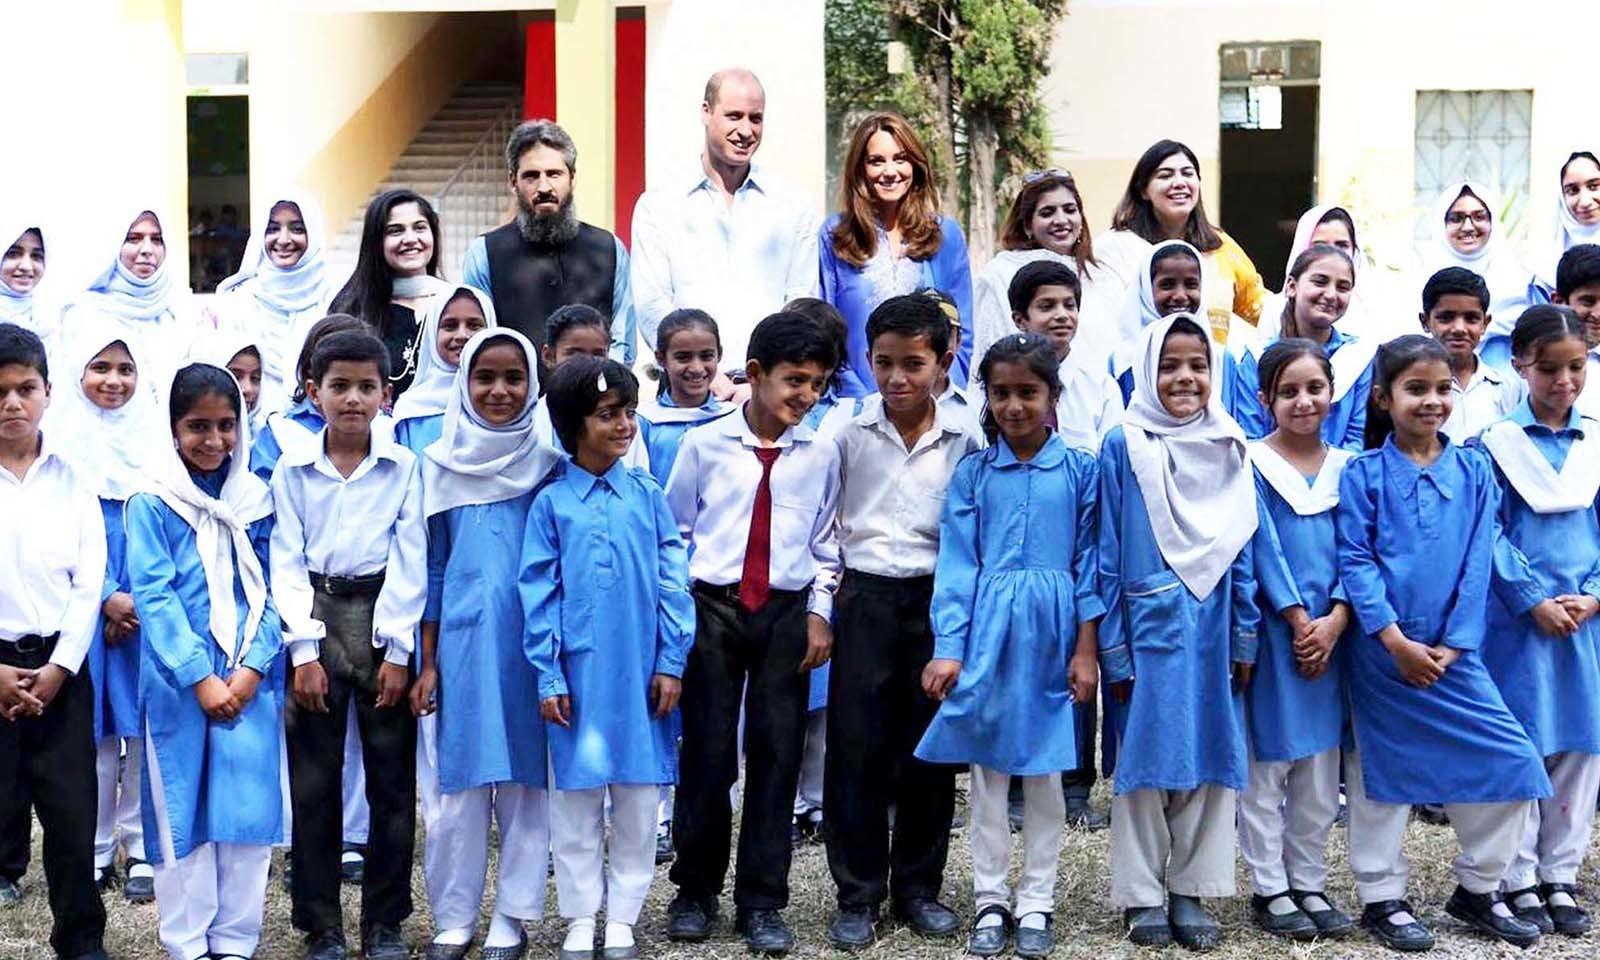 شاہی جوڑے نے اسکول کے بچوں کے ہمراہ گروپ فوٹو بھی بنوائی — فوٹو: اے پی پی